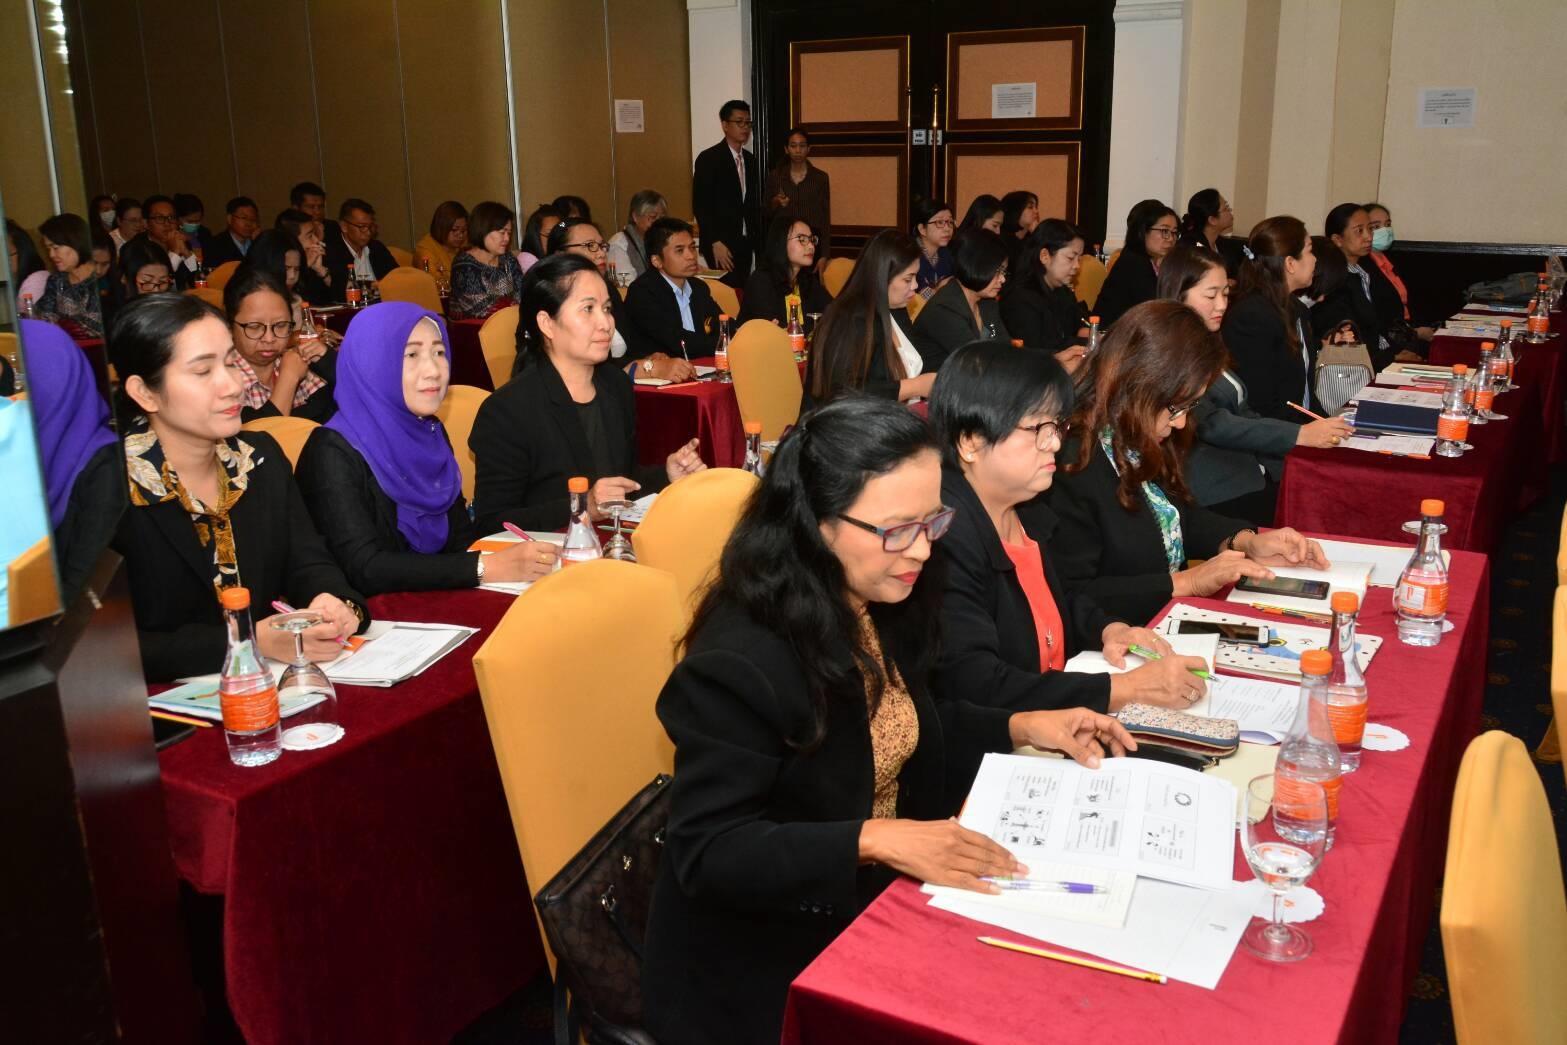 กรมการจัดหางาน  จัดโครงการส่งเสริมความรู้ทางด้านวินัย และผลประโยชน์ทับซ้อน